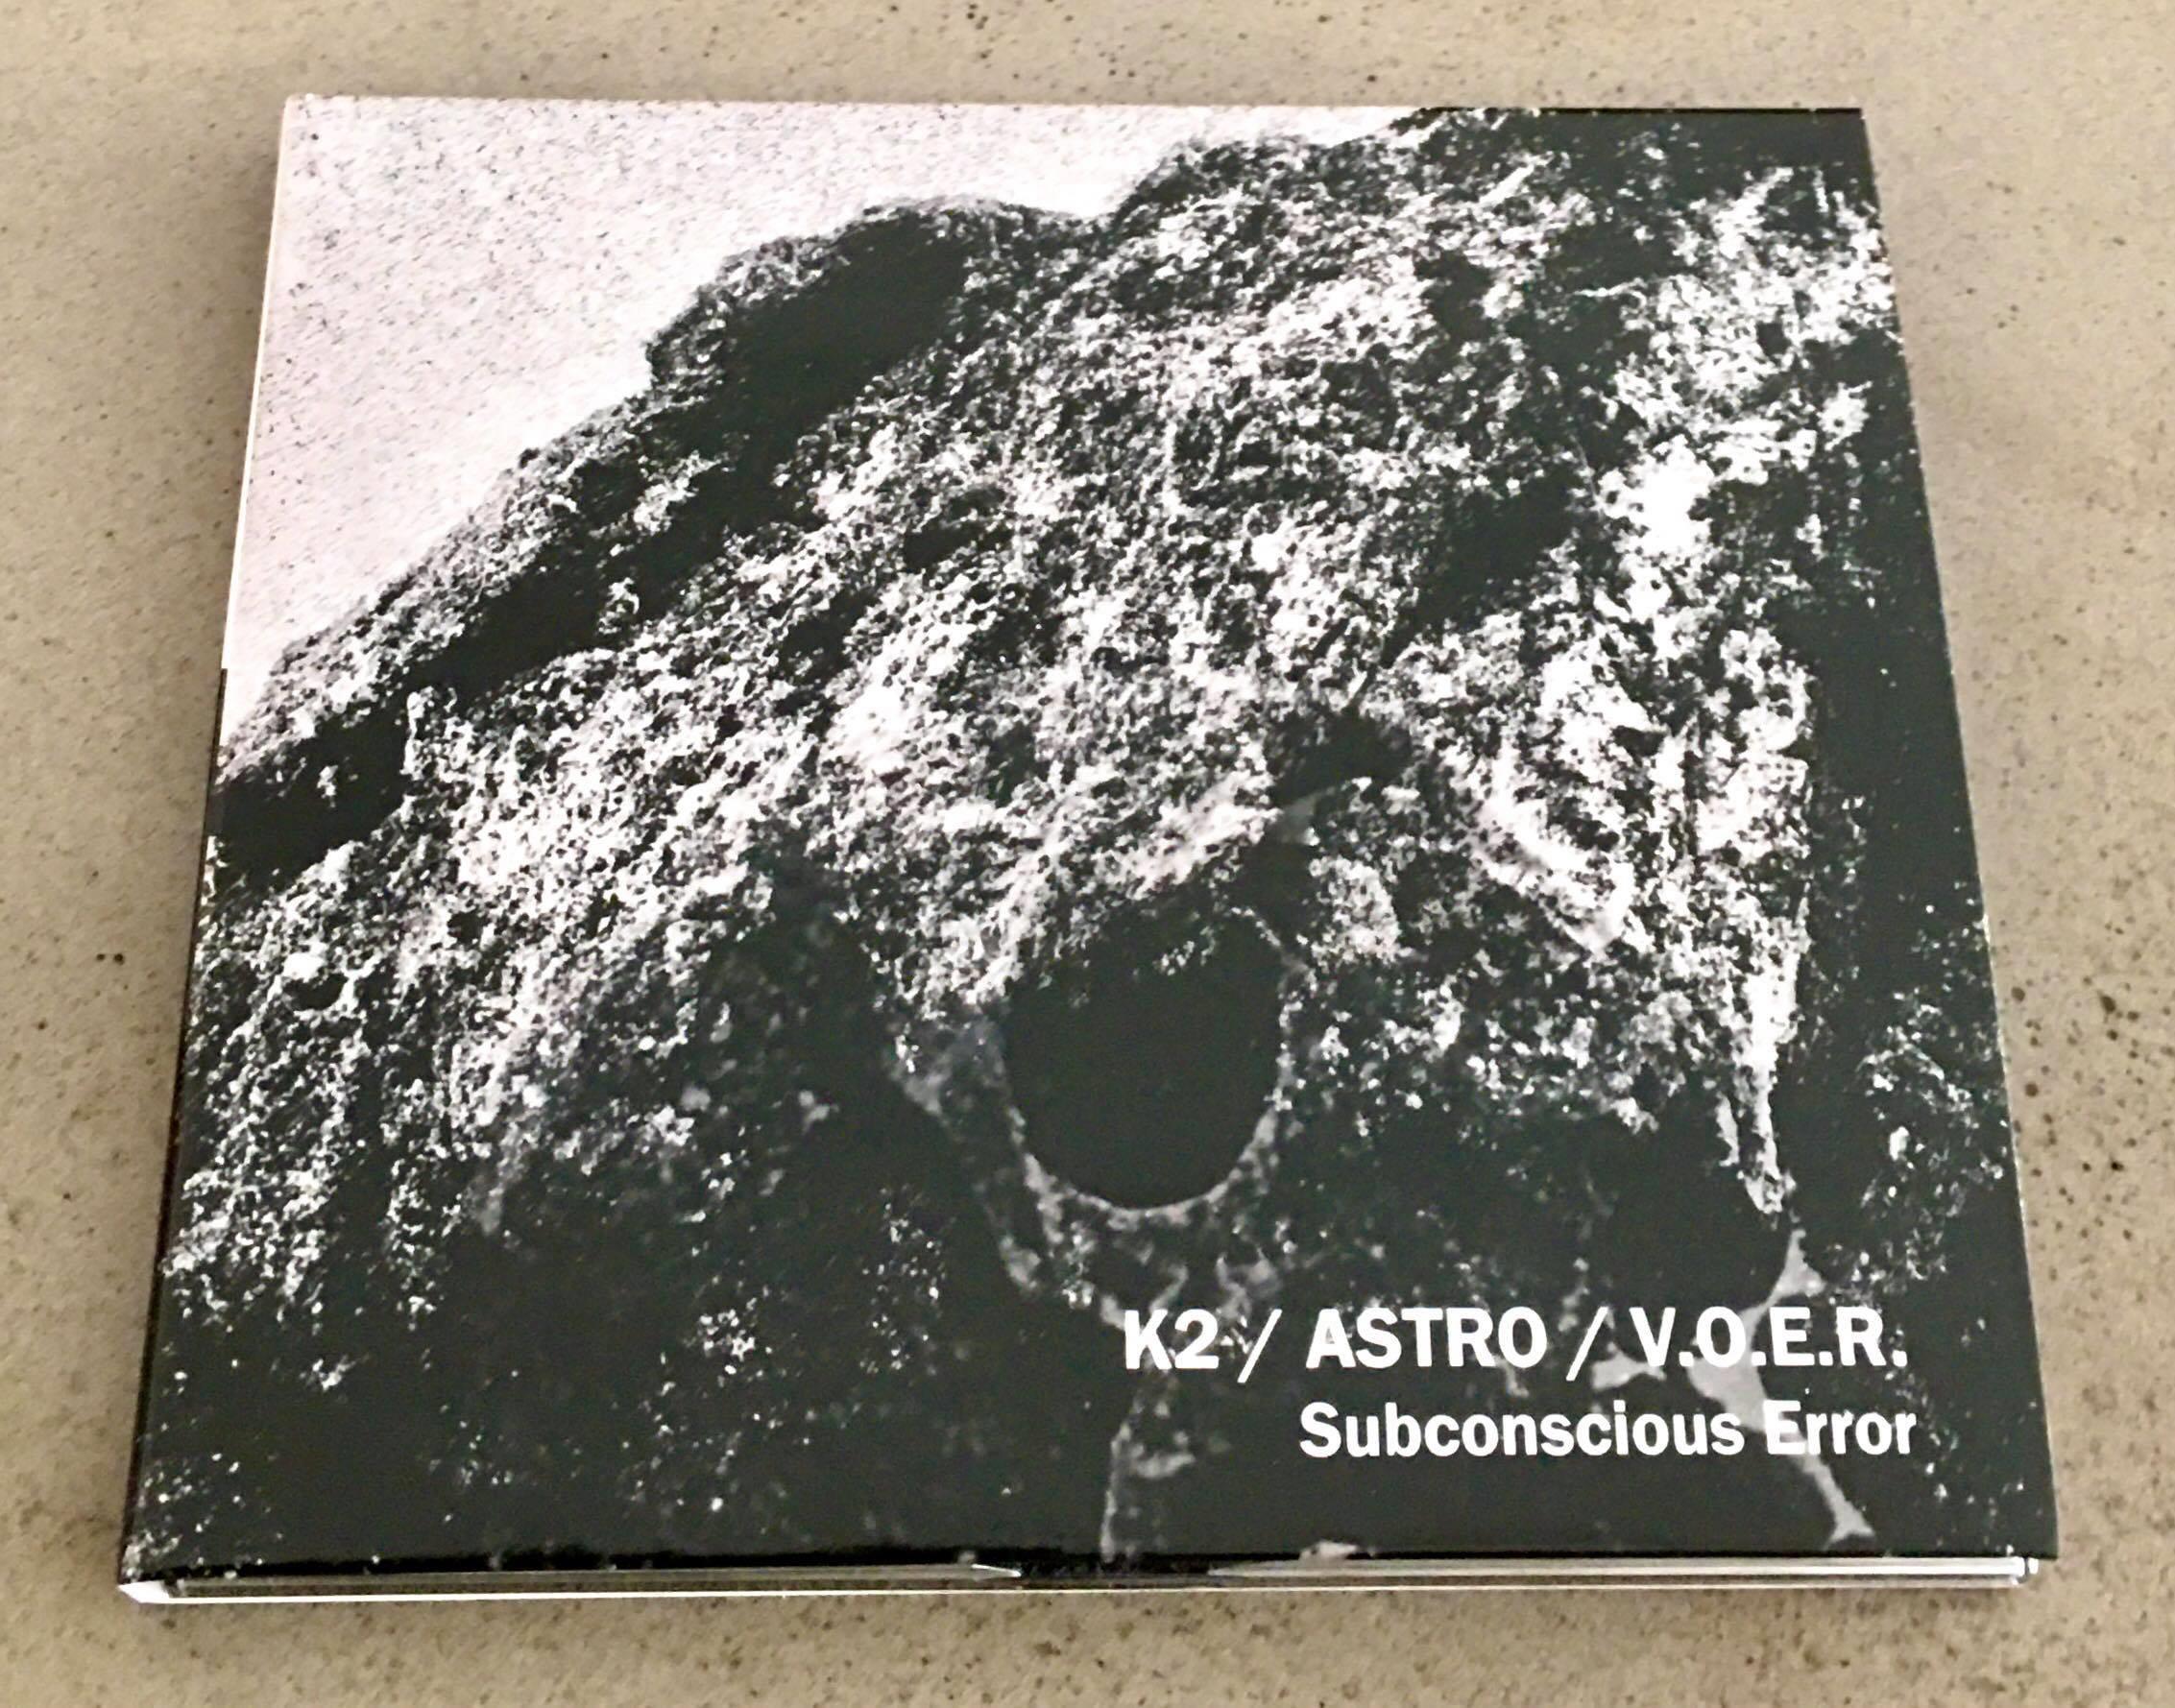 Main CD